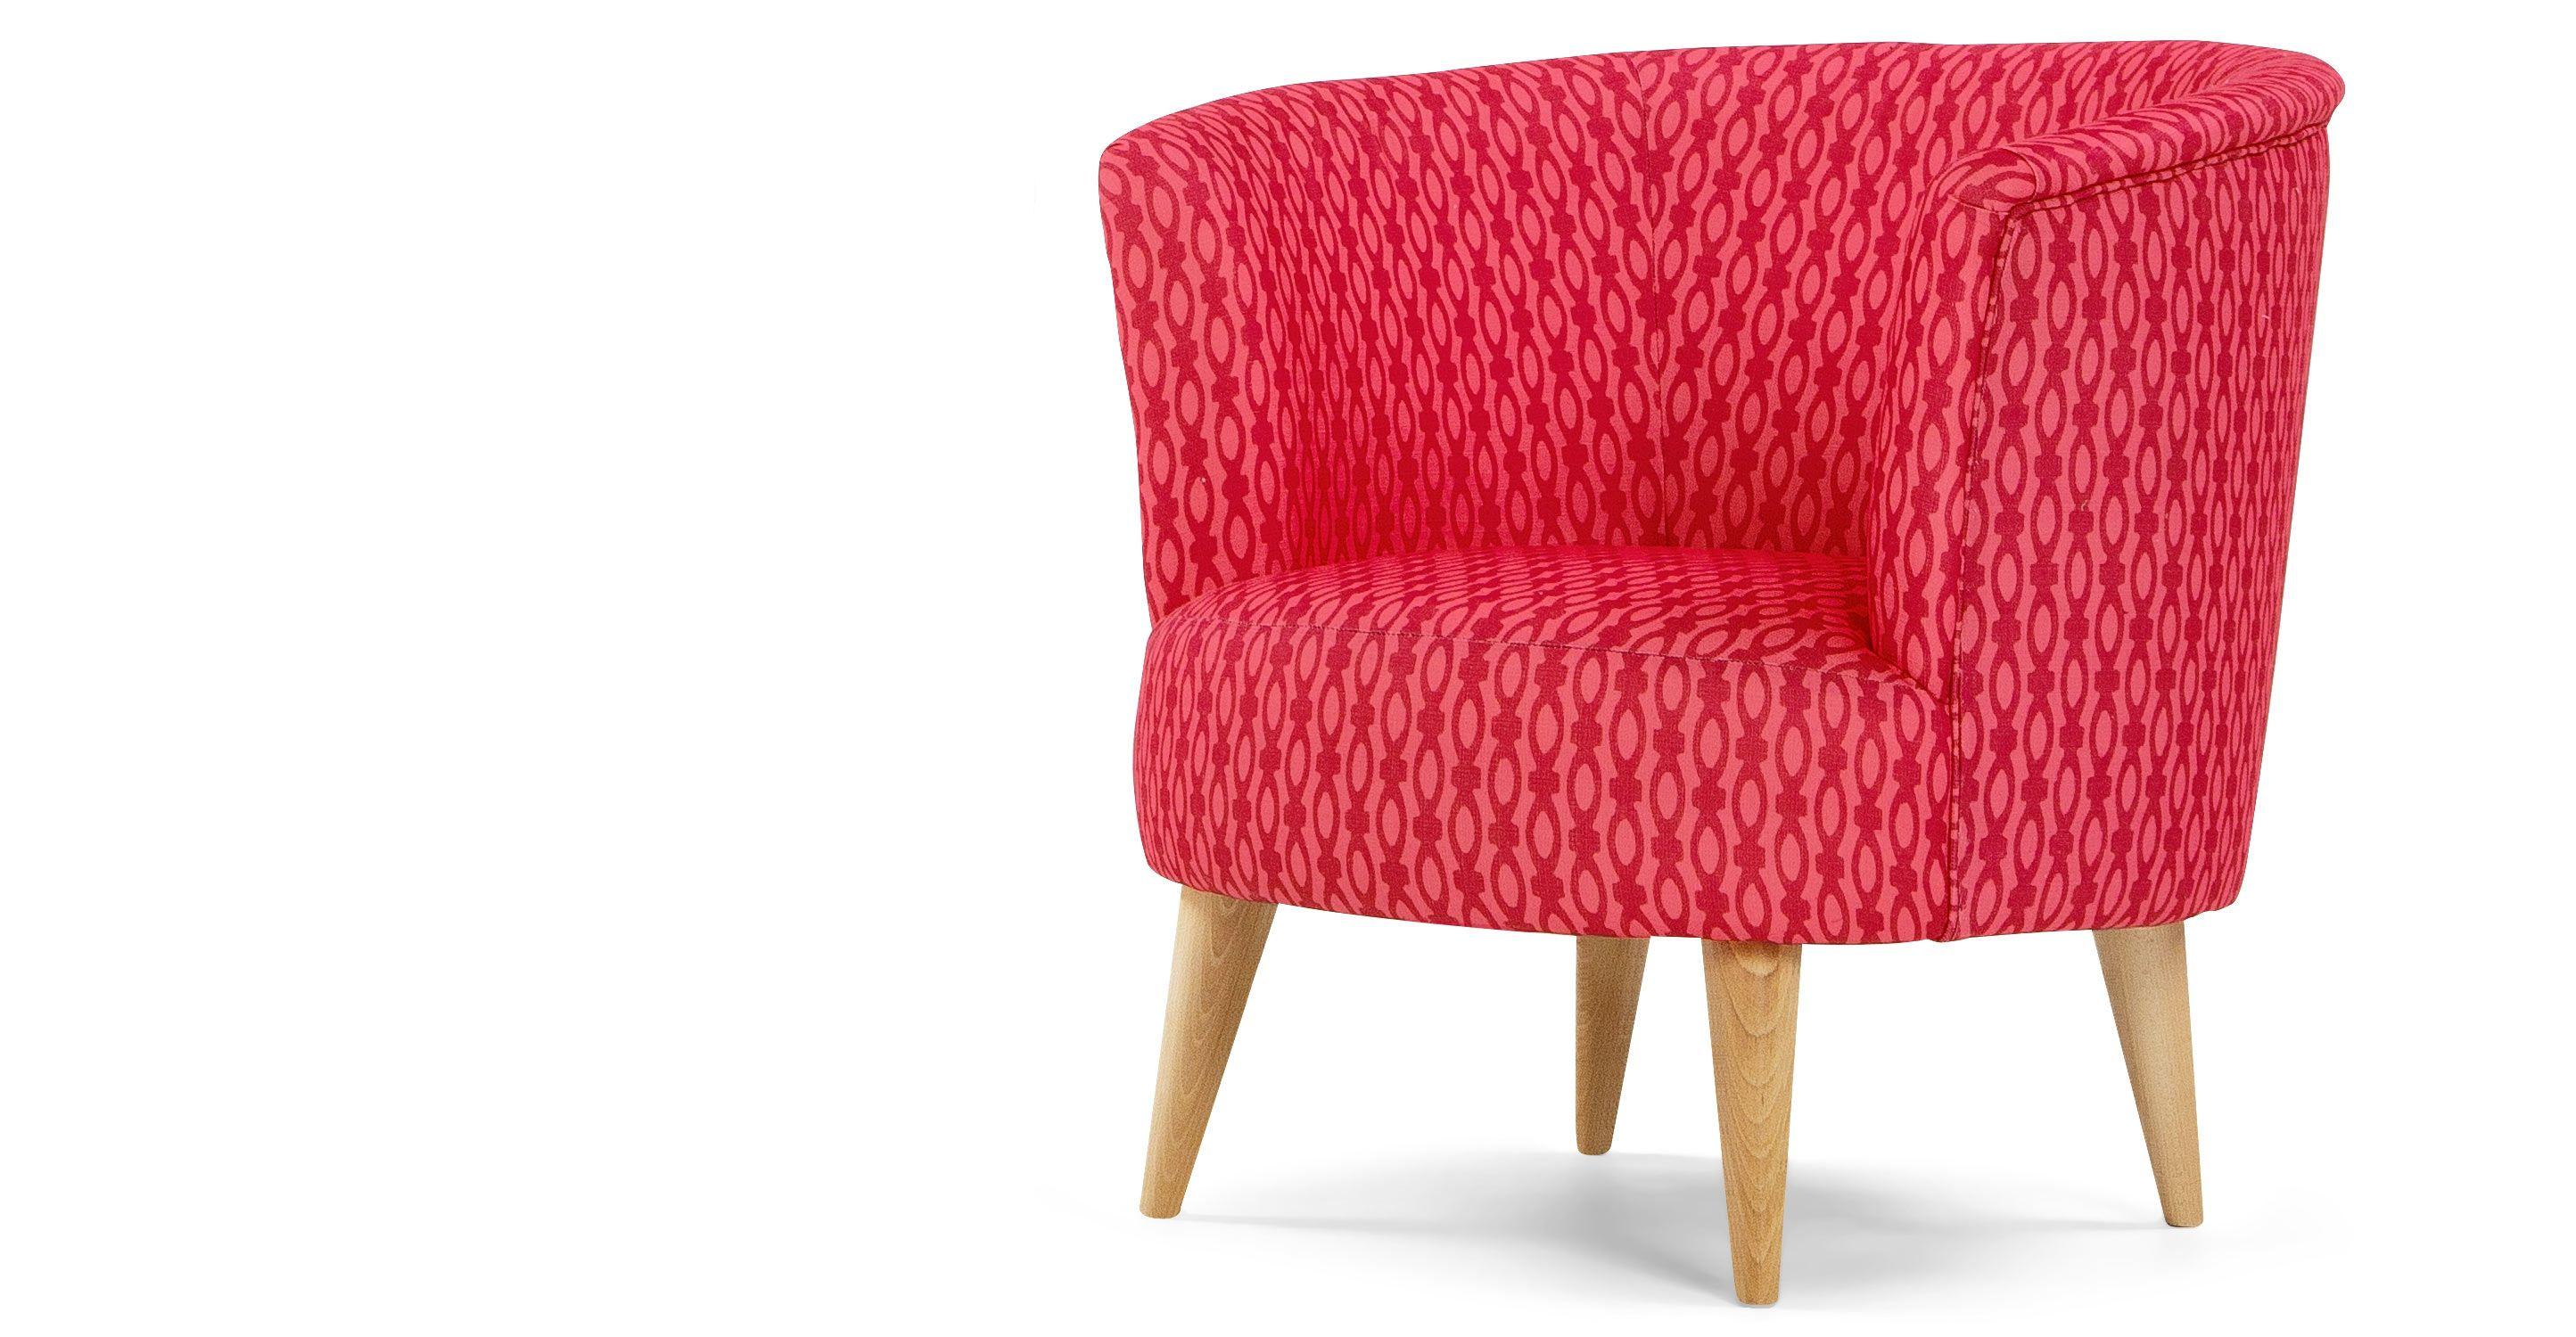 Koraalkleur De Woonkamer : Lulu ronde stoel framboos en koraalkleur home sweet home